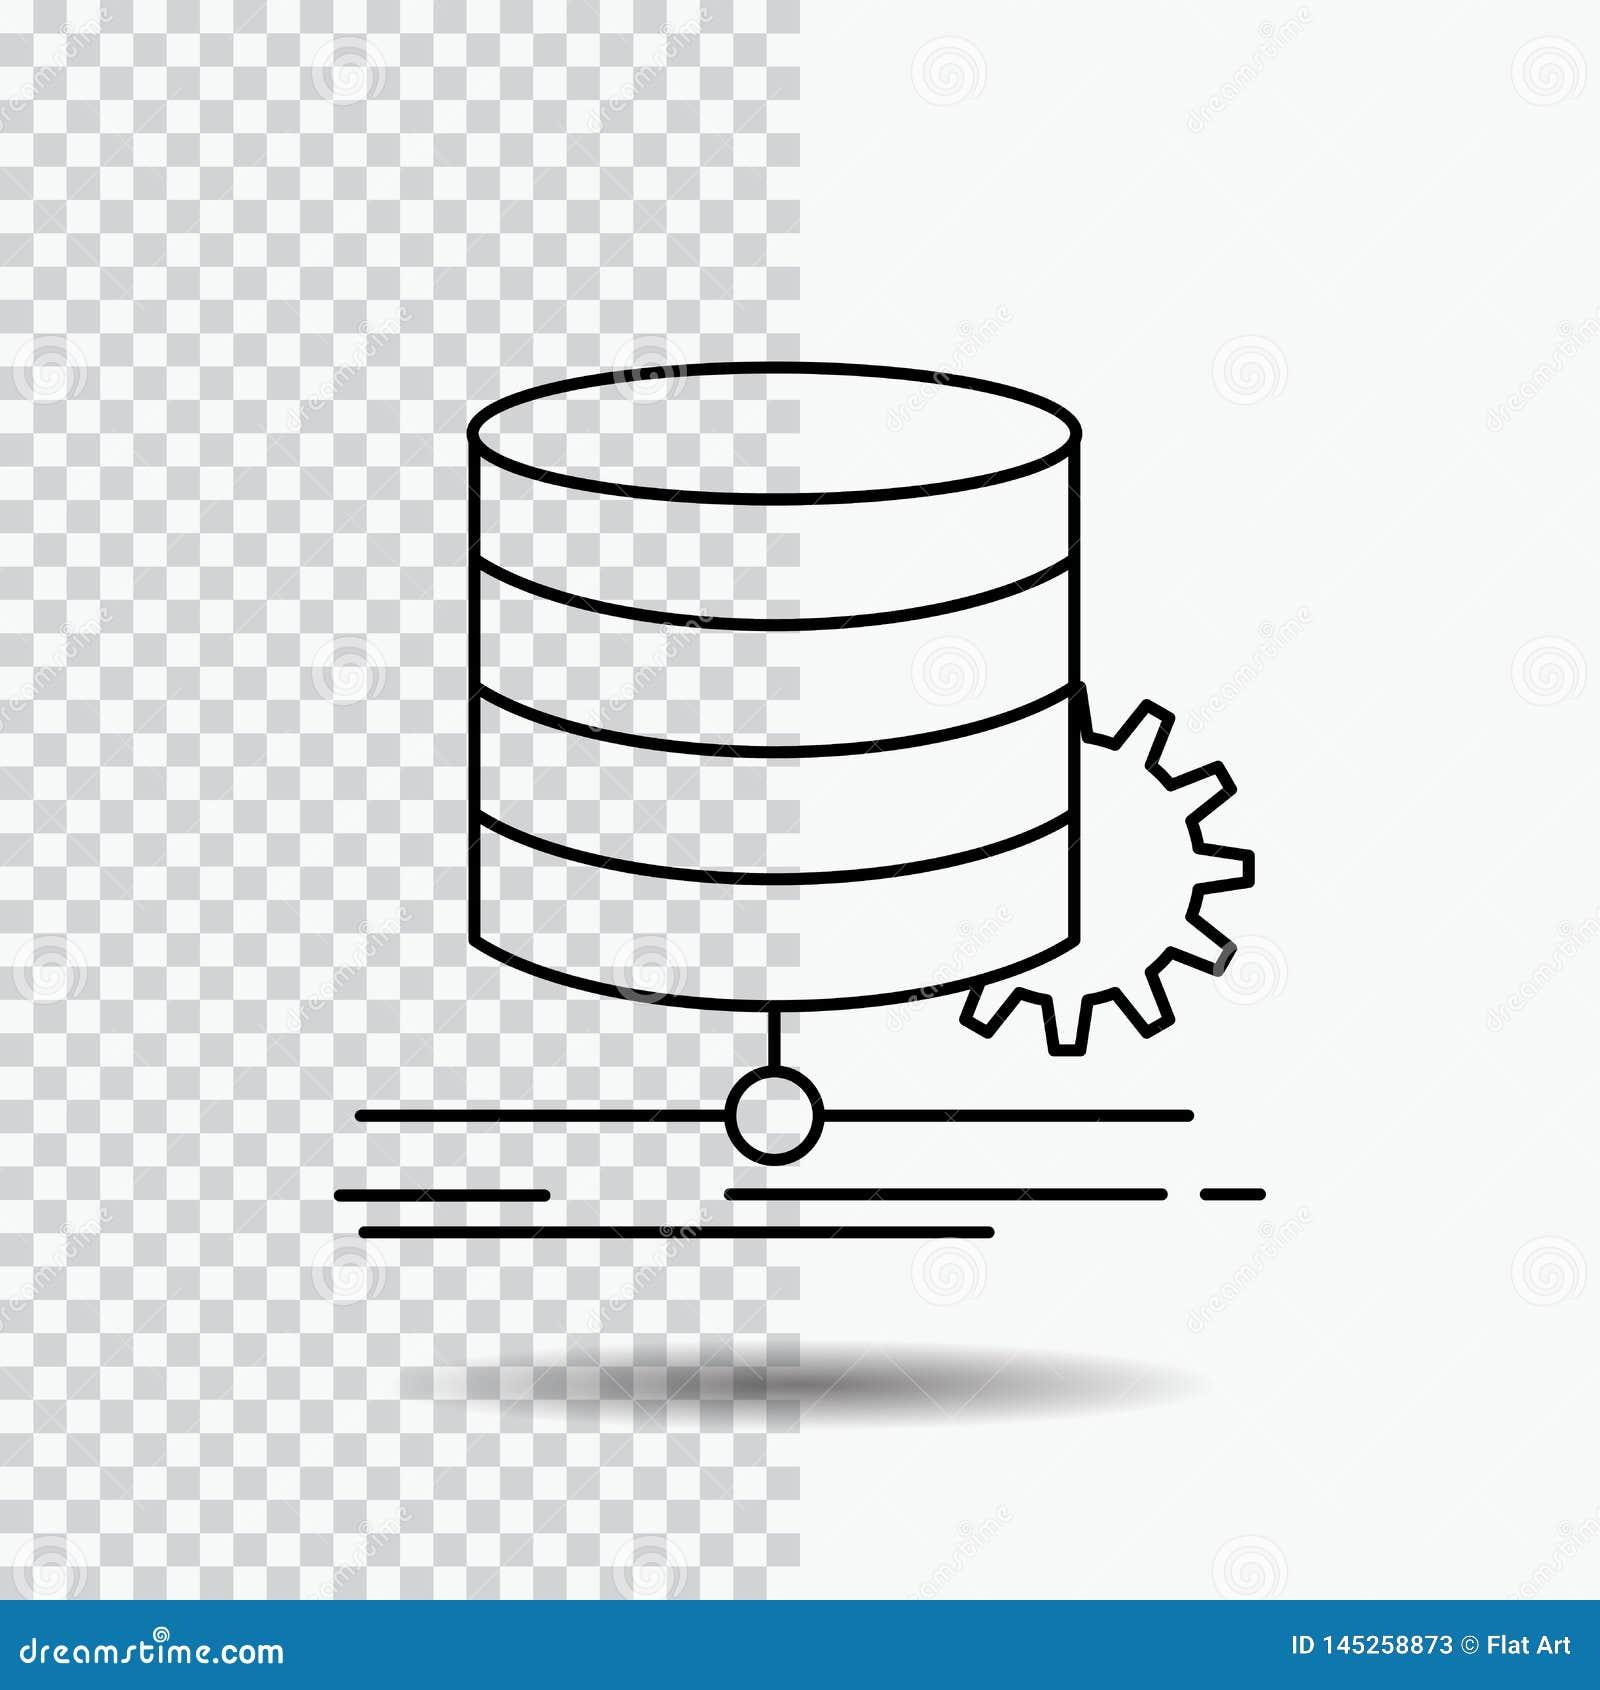 Αλγόριθμος, διάγραμμα, στοιχεία, διάγραμμα, εικονίδιο γραμμών ροής στο διαφανές υπόβαθρο Μαύρη διανυσματική απεικόνιση εικονιδίων